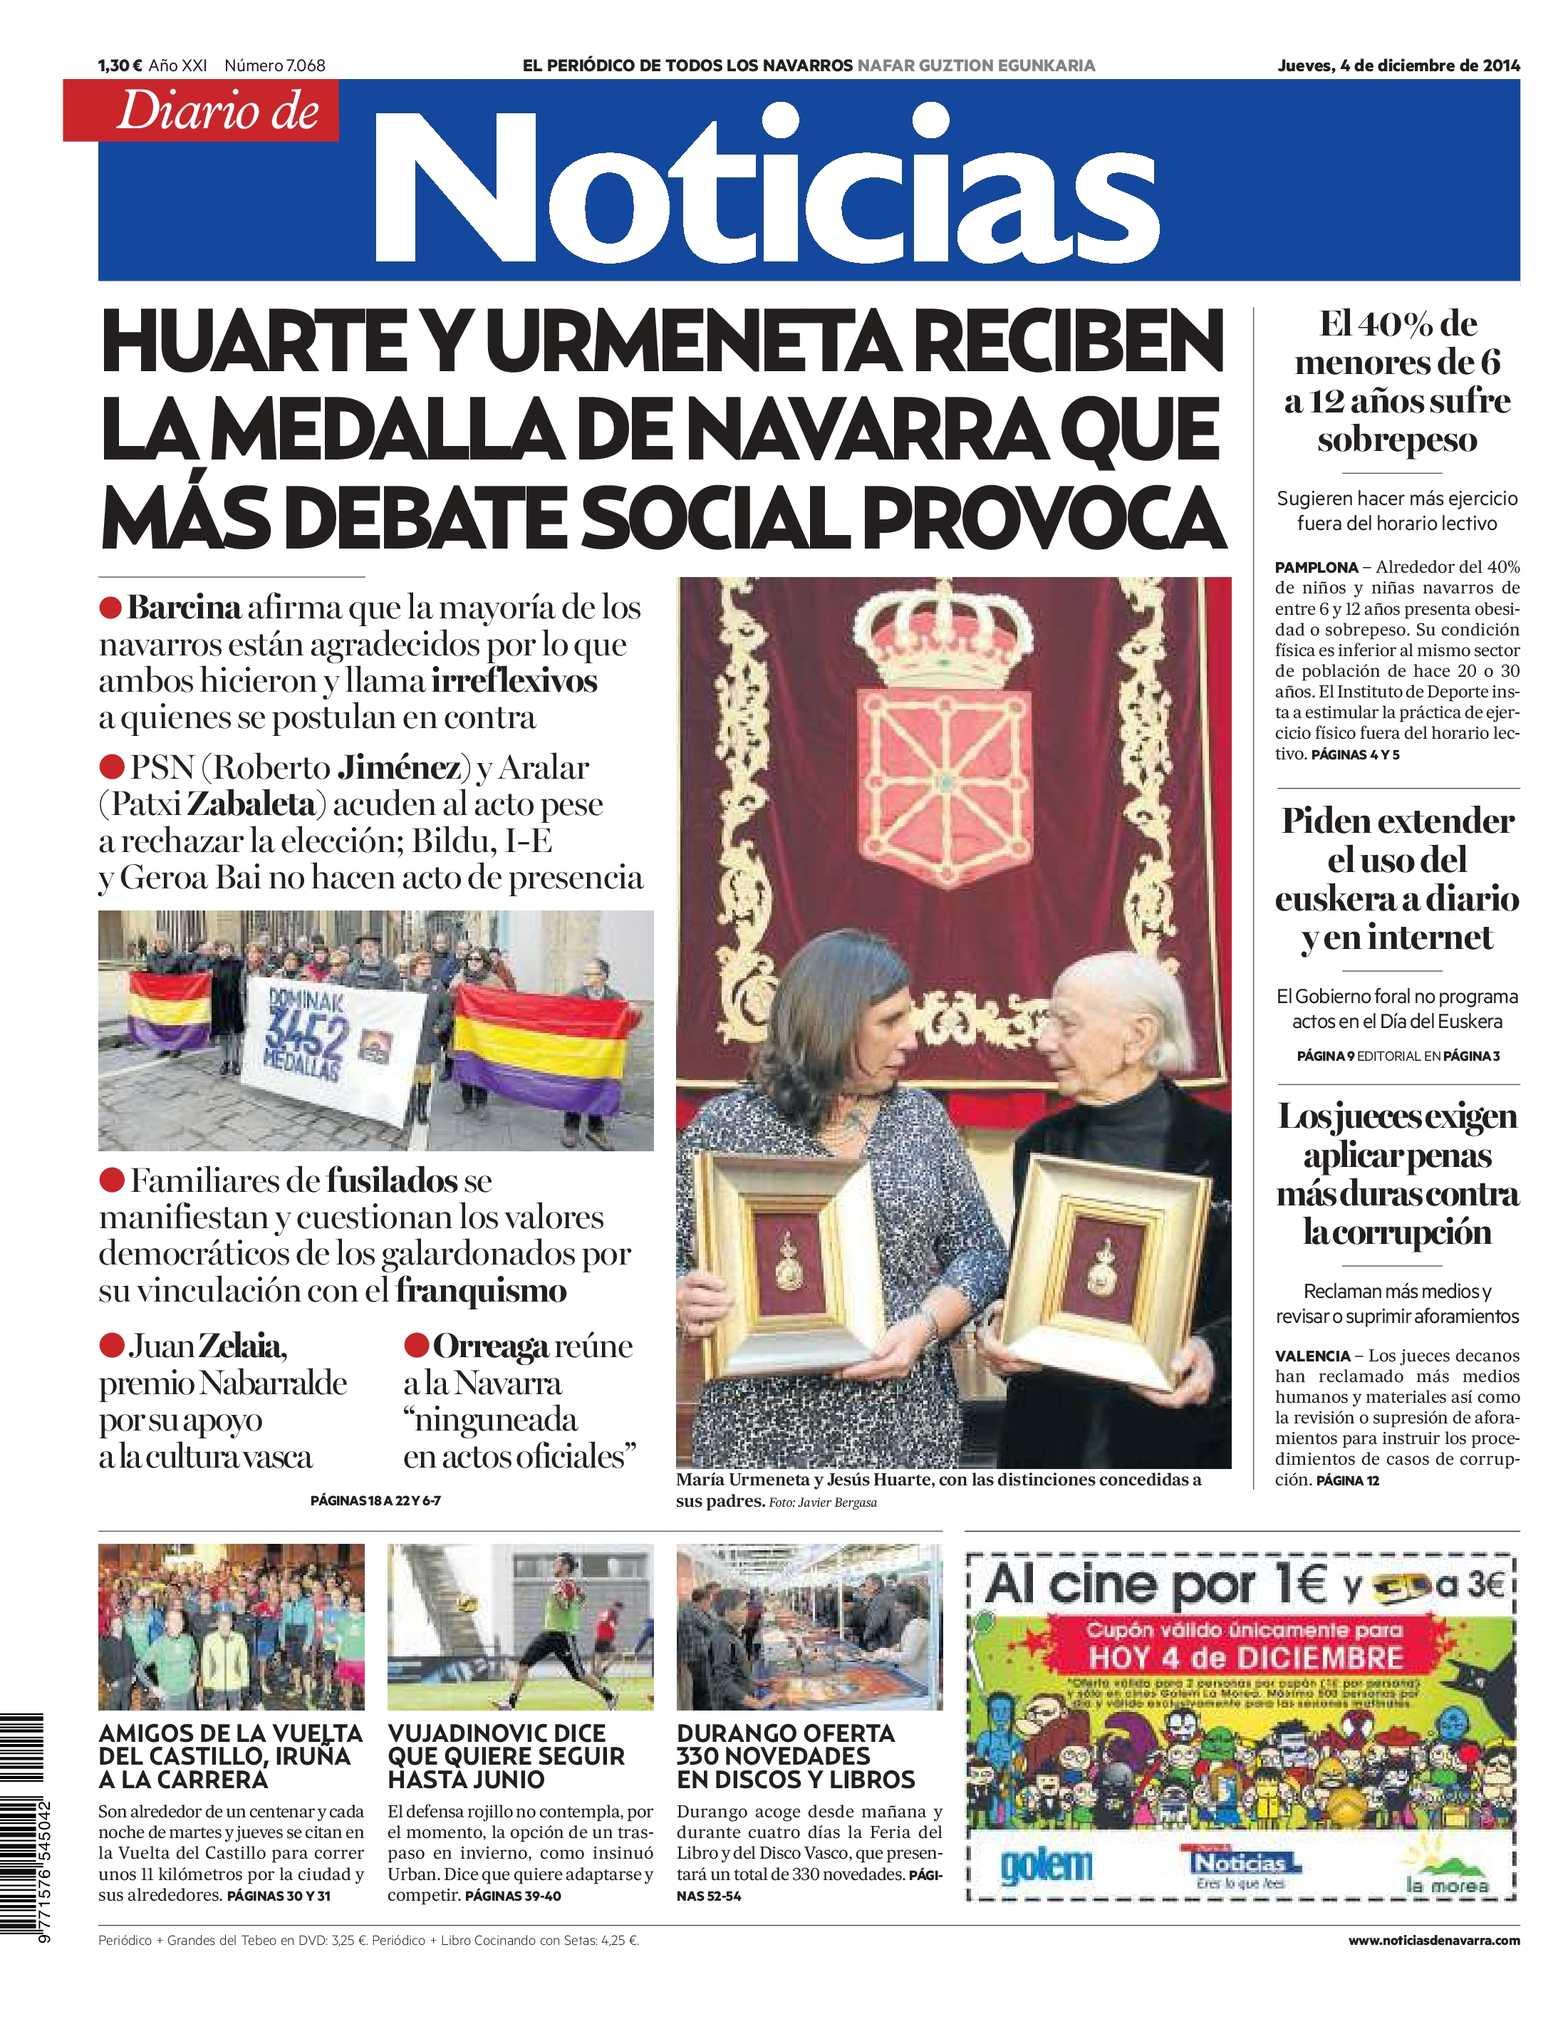 Calaméo - Diario de Noticias 20141204